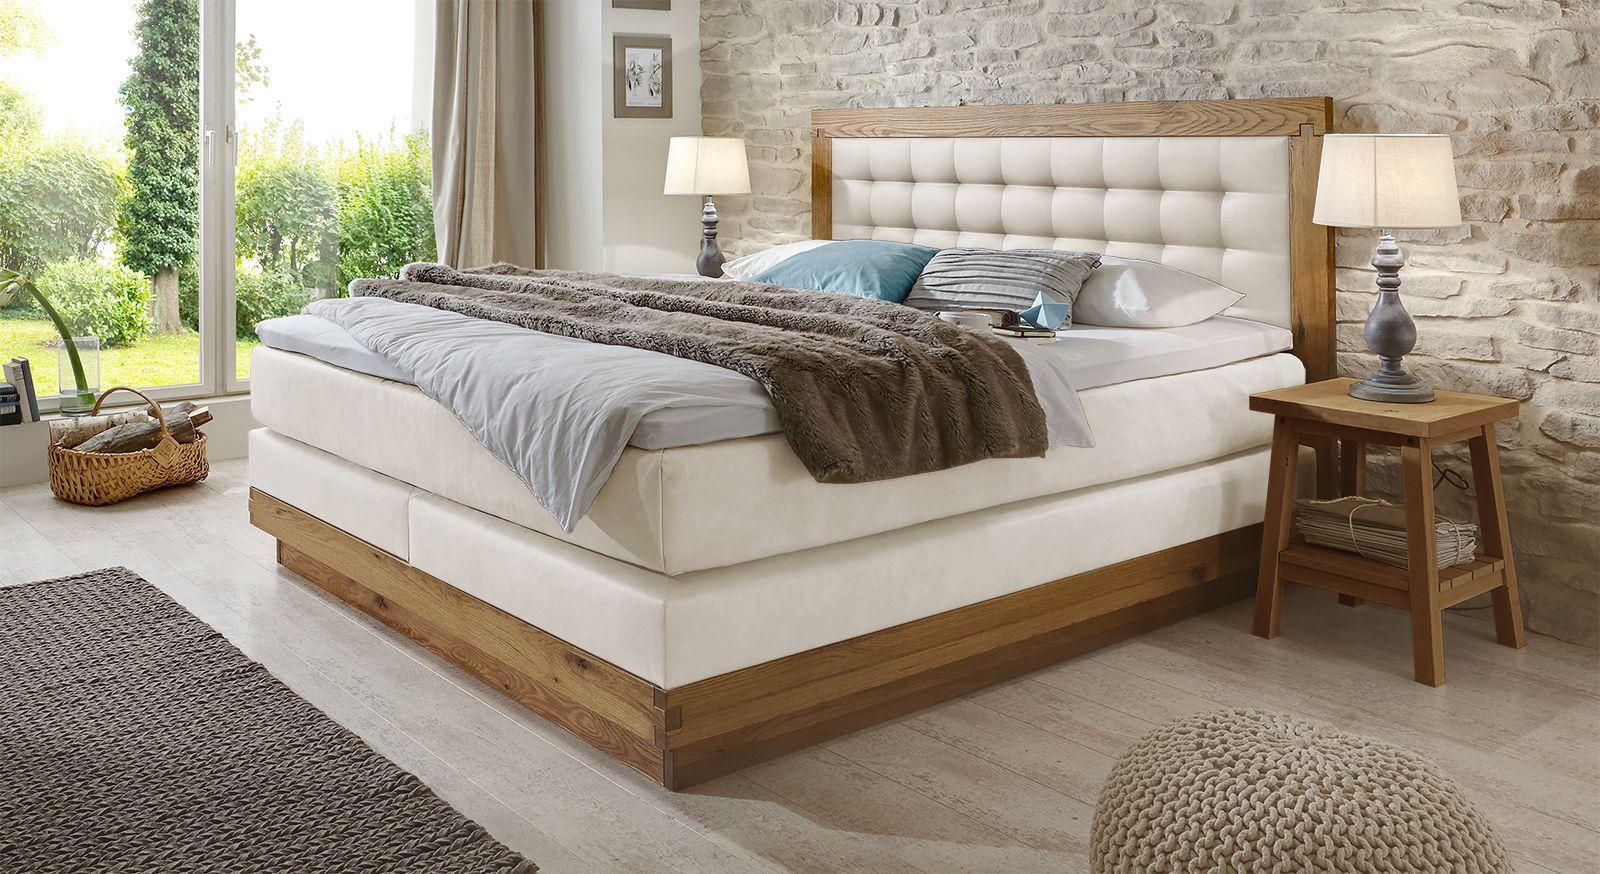 massivholz boxspringbett aus wildeiche kaufen - galicia, Wohnzimmer dekoo